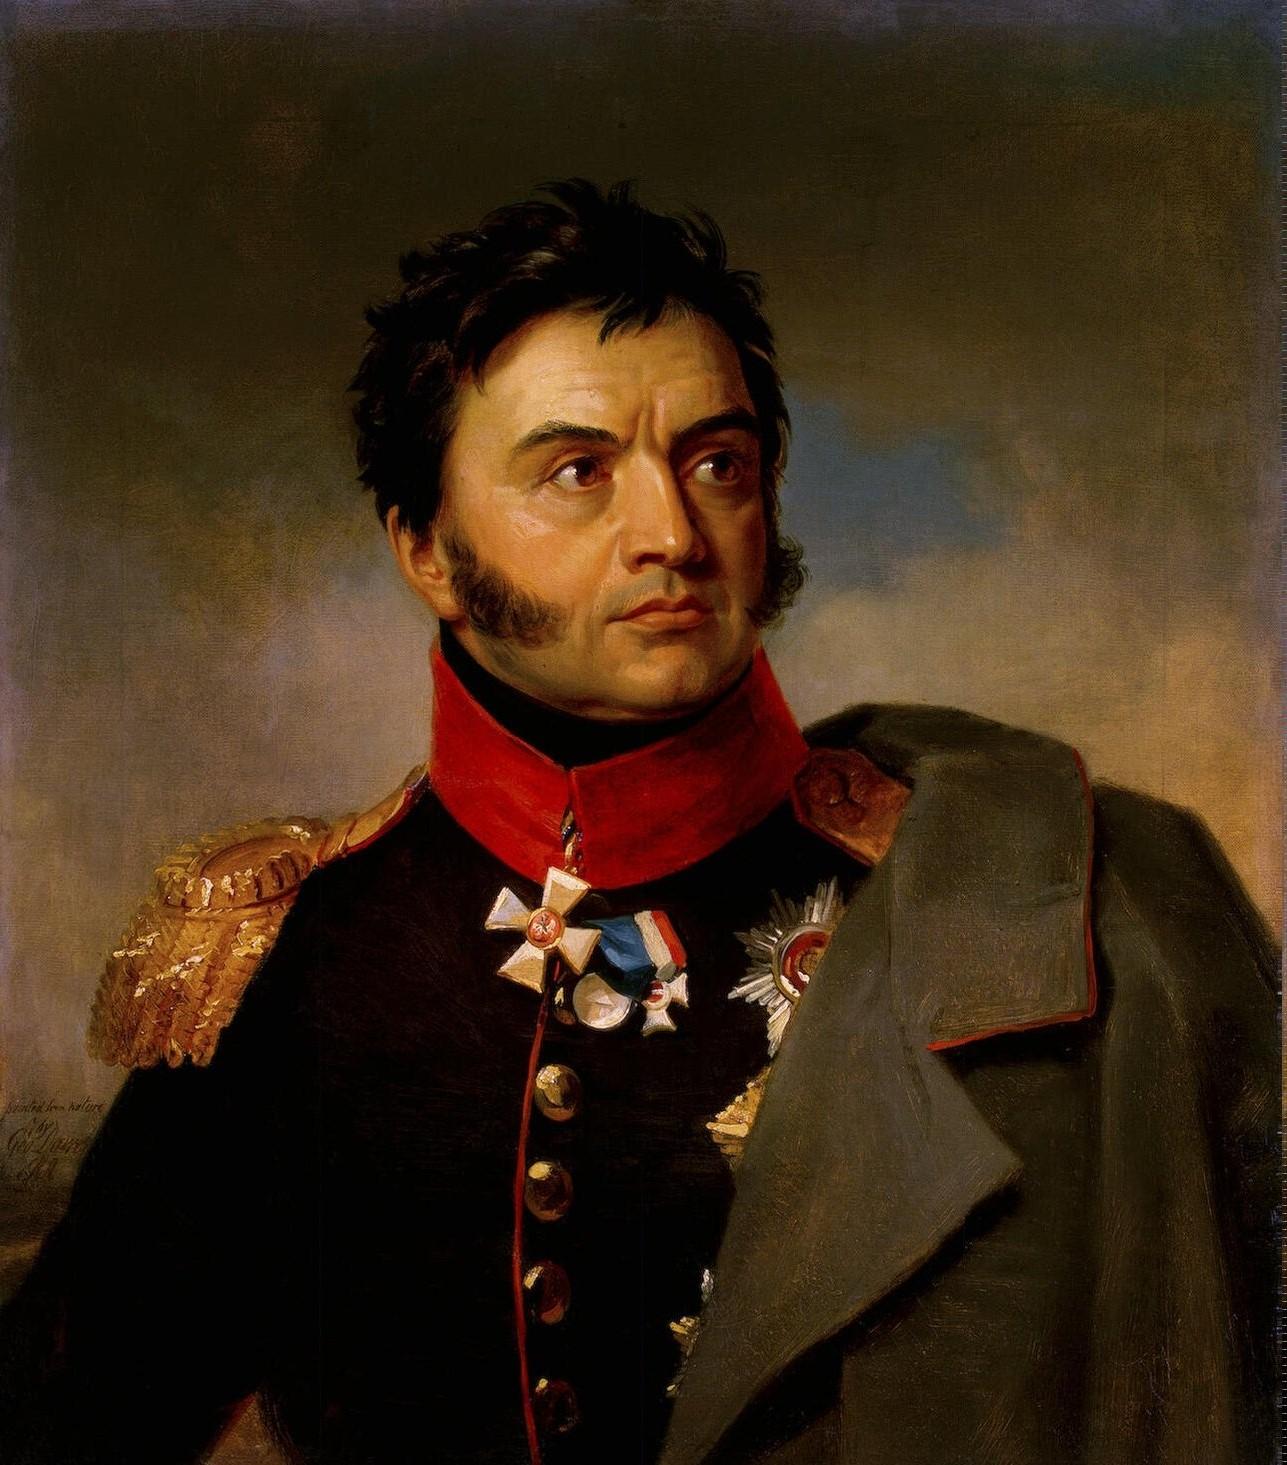 Джордж Доу. Портрет Николая Николаевича Раевского, ок. 1825 г.